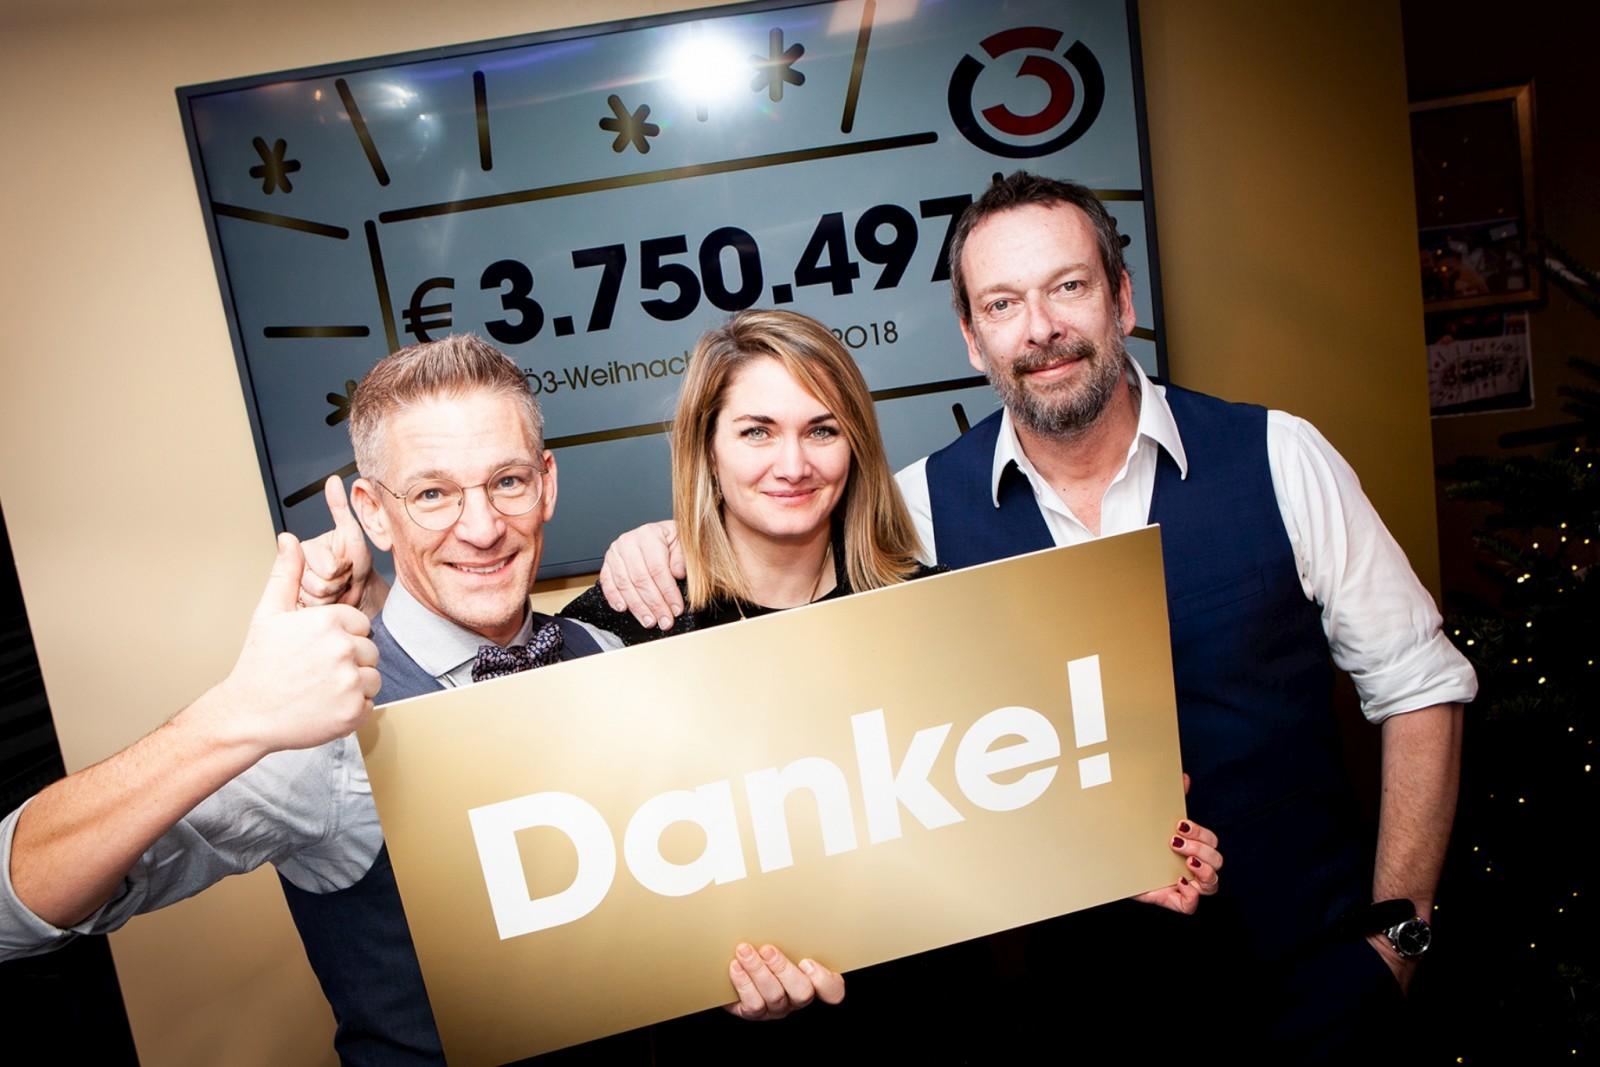 Ö3-Gemeinde spendet 4.203.497,- Euro für Familien in Not